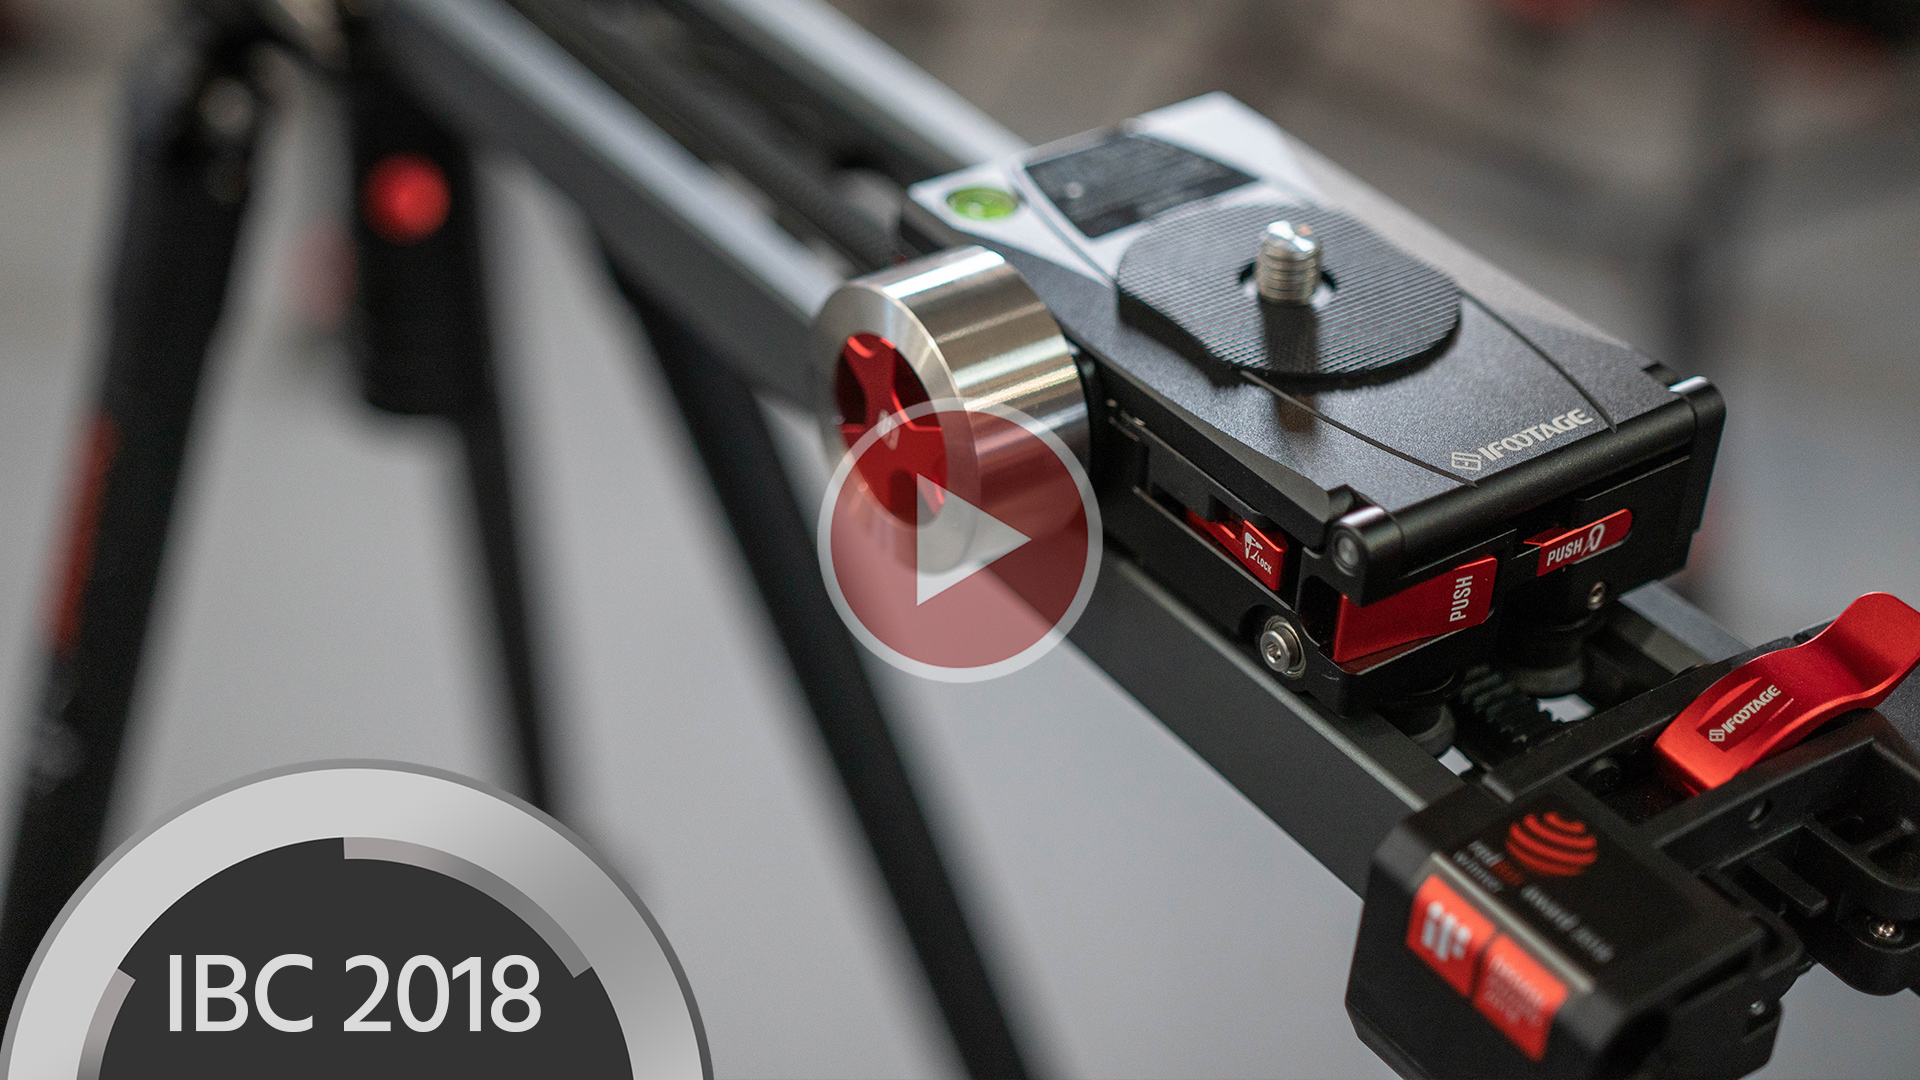 iFootageがShark Slider Miniを発表 - モジュール構造で無制限に延長できるスライダー